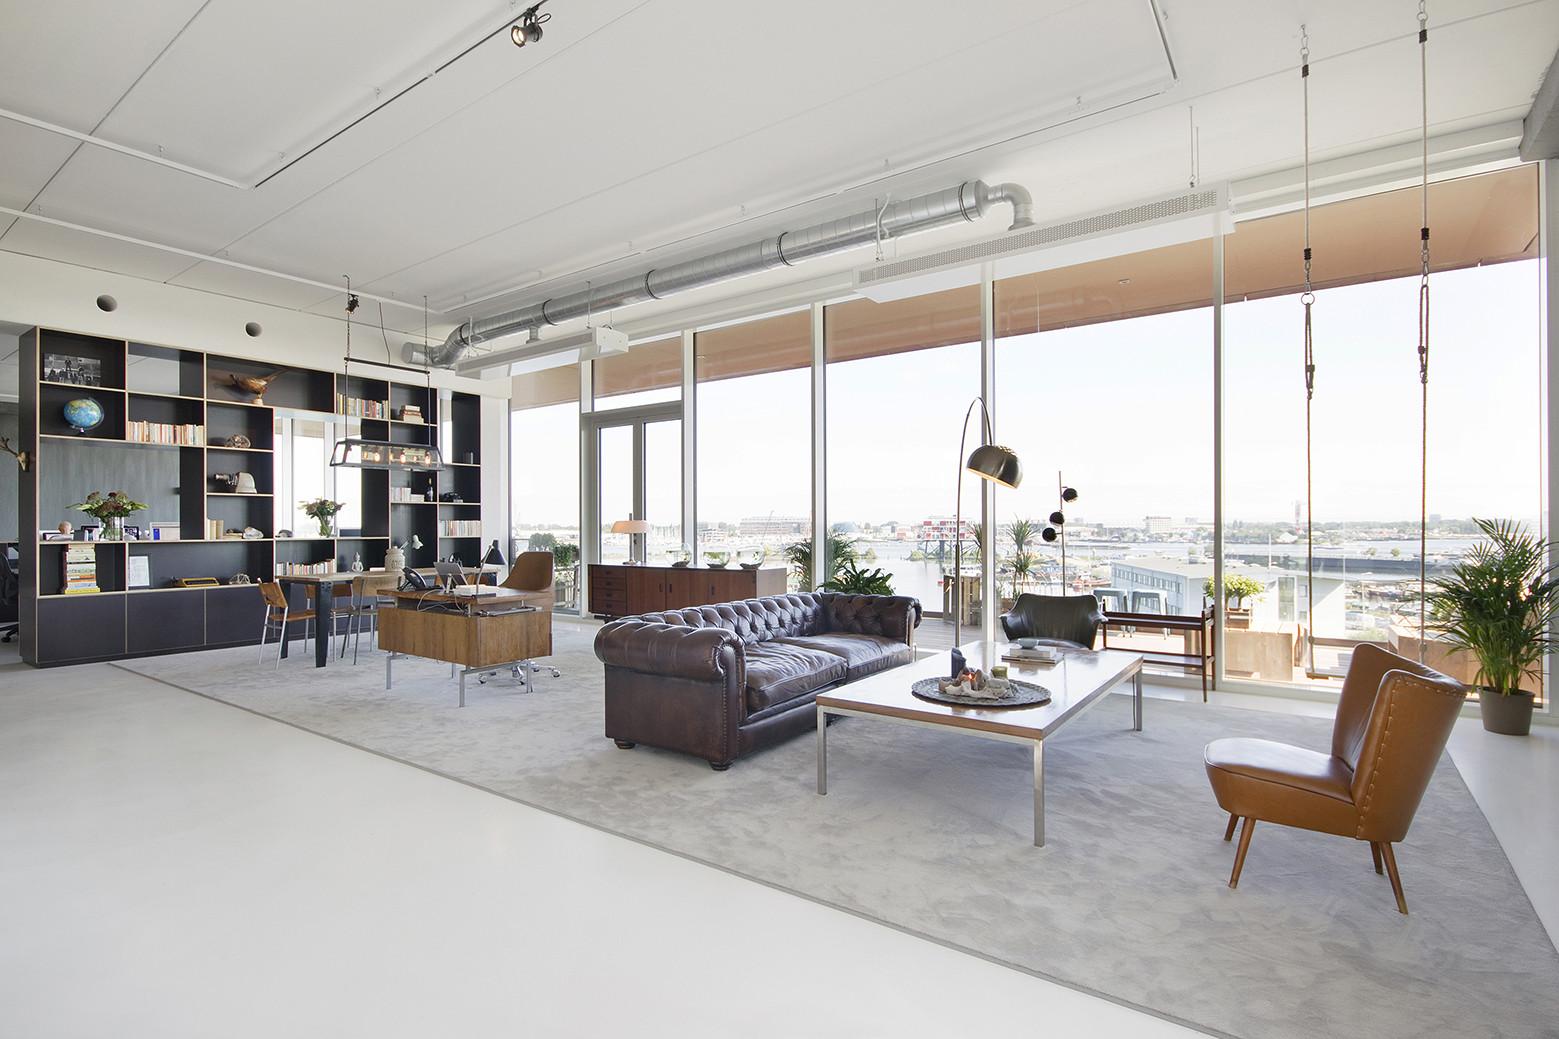 Gallery of brandbase dedato 4 for Kantoor interieur inspiratie